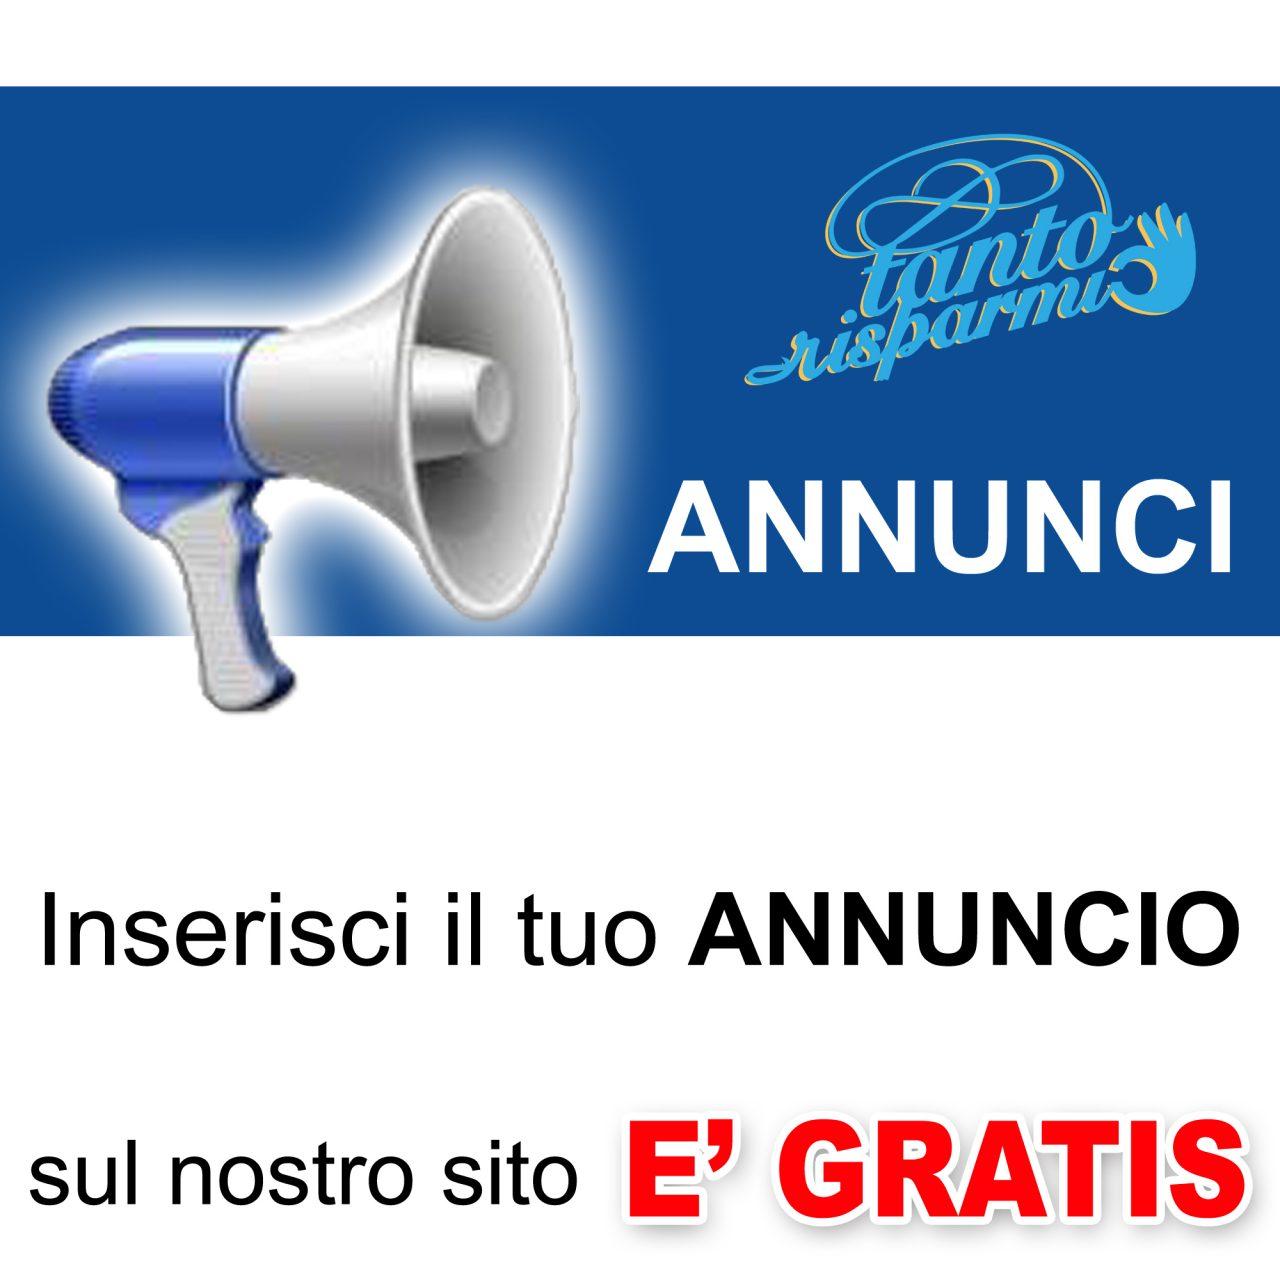 Annunci amore gratuiti - Porta portese annunci gratuiti ...